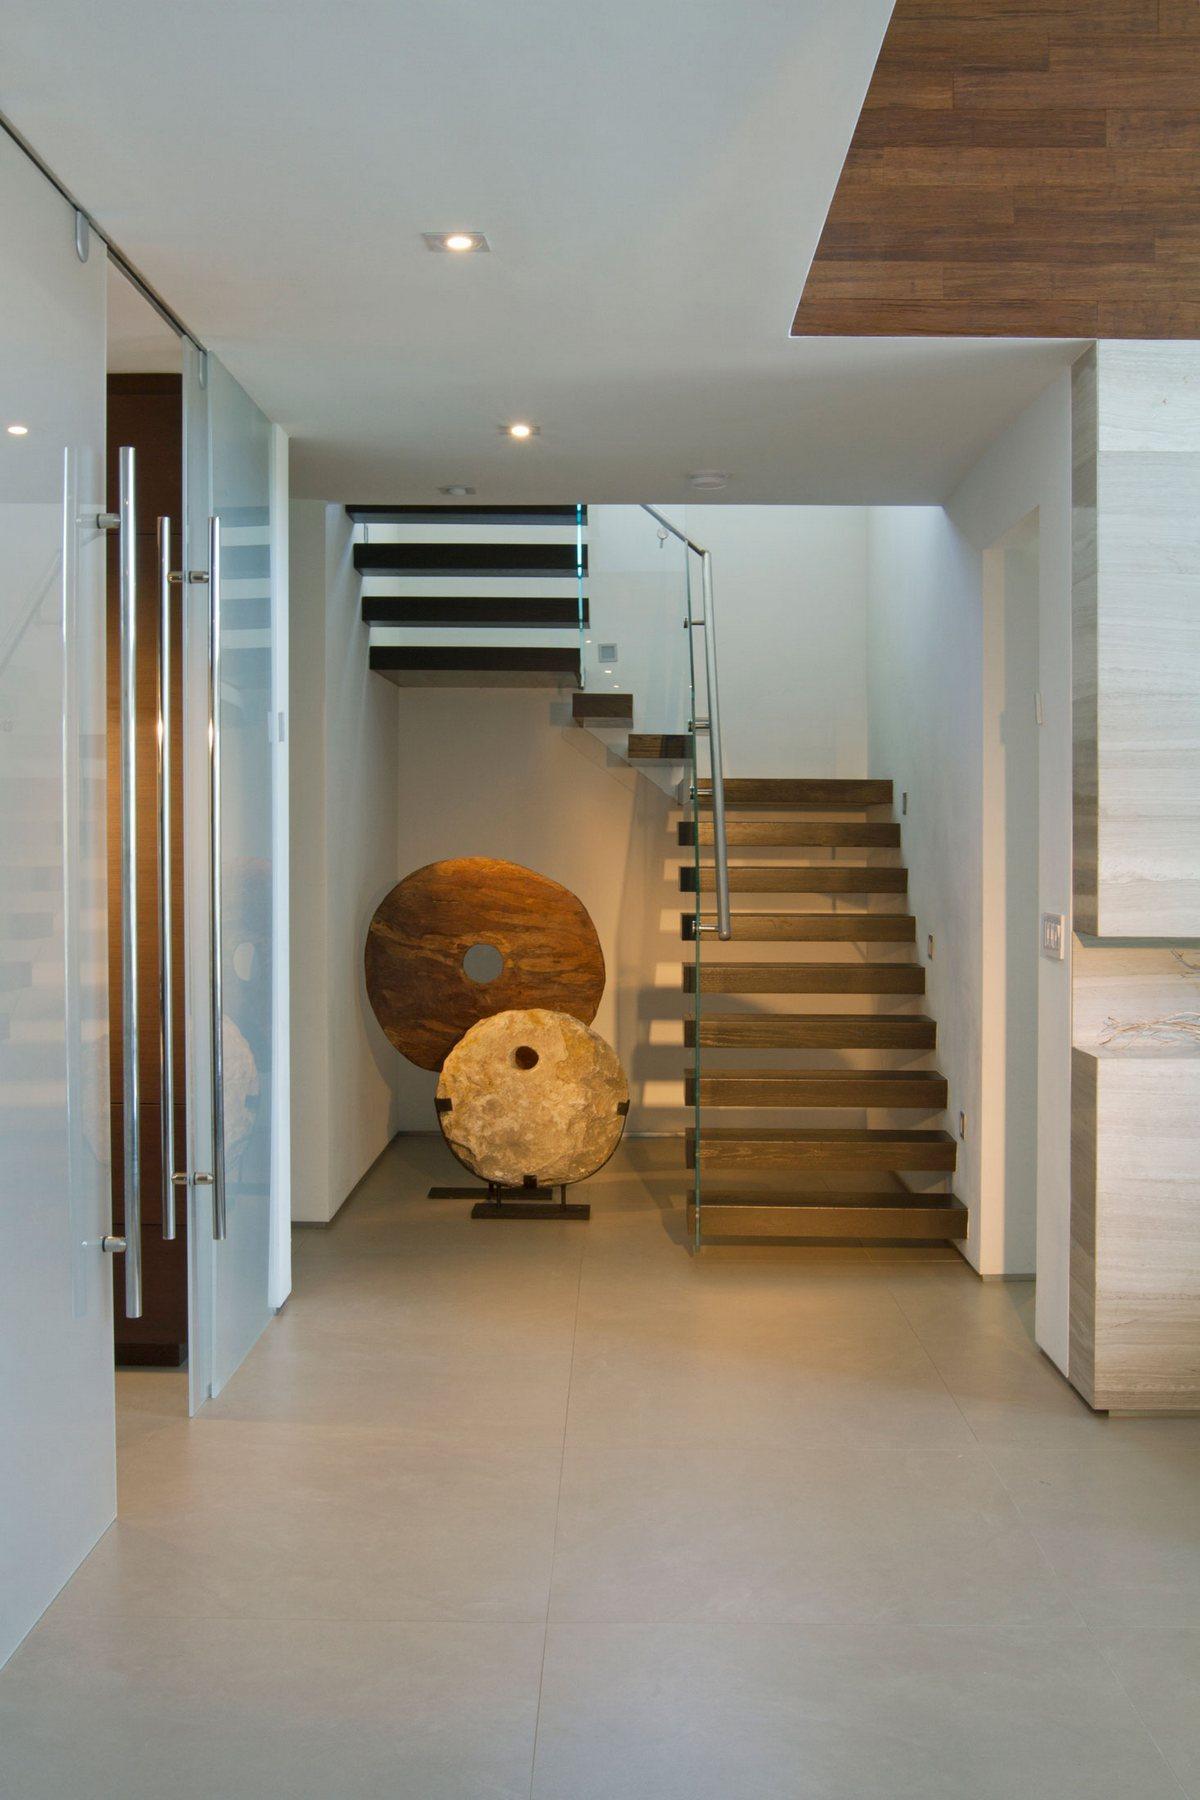 дизайн интерьера Майами, DKOR Interiors, интерьер частного дома, интерьер в стиле модерн, смешанные стили интерьера, частные дома в Майами фото